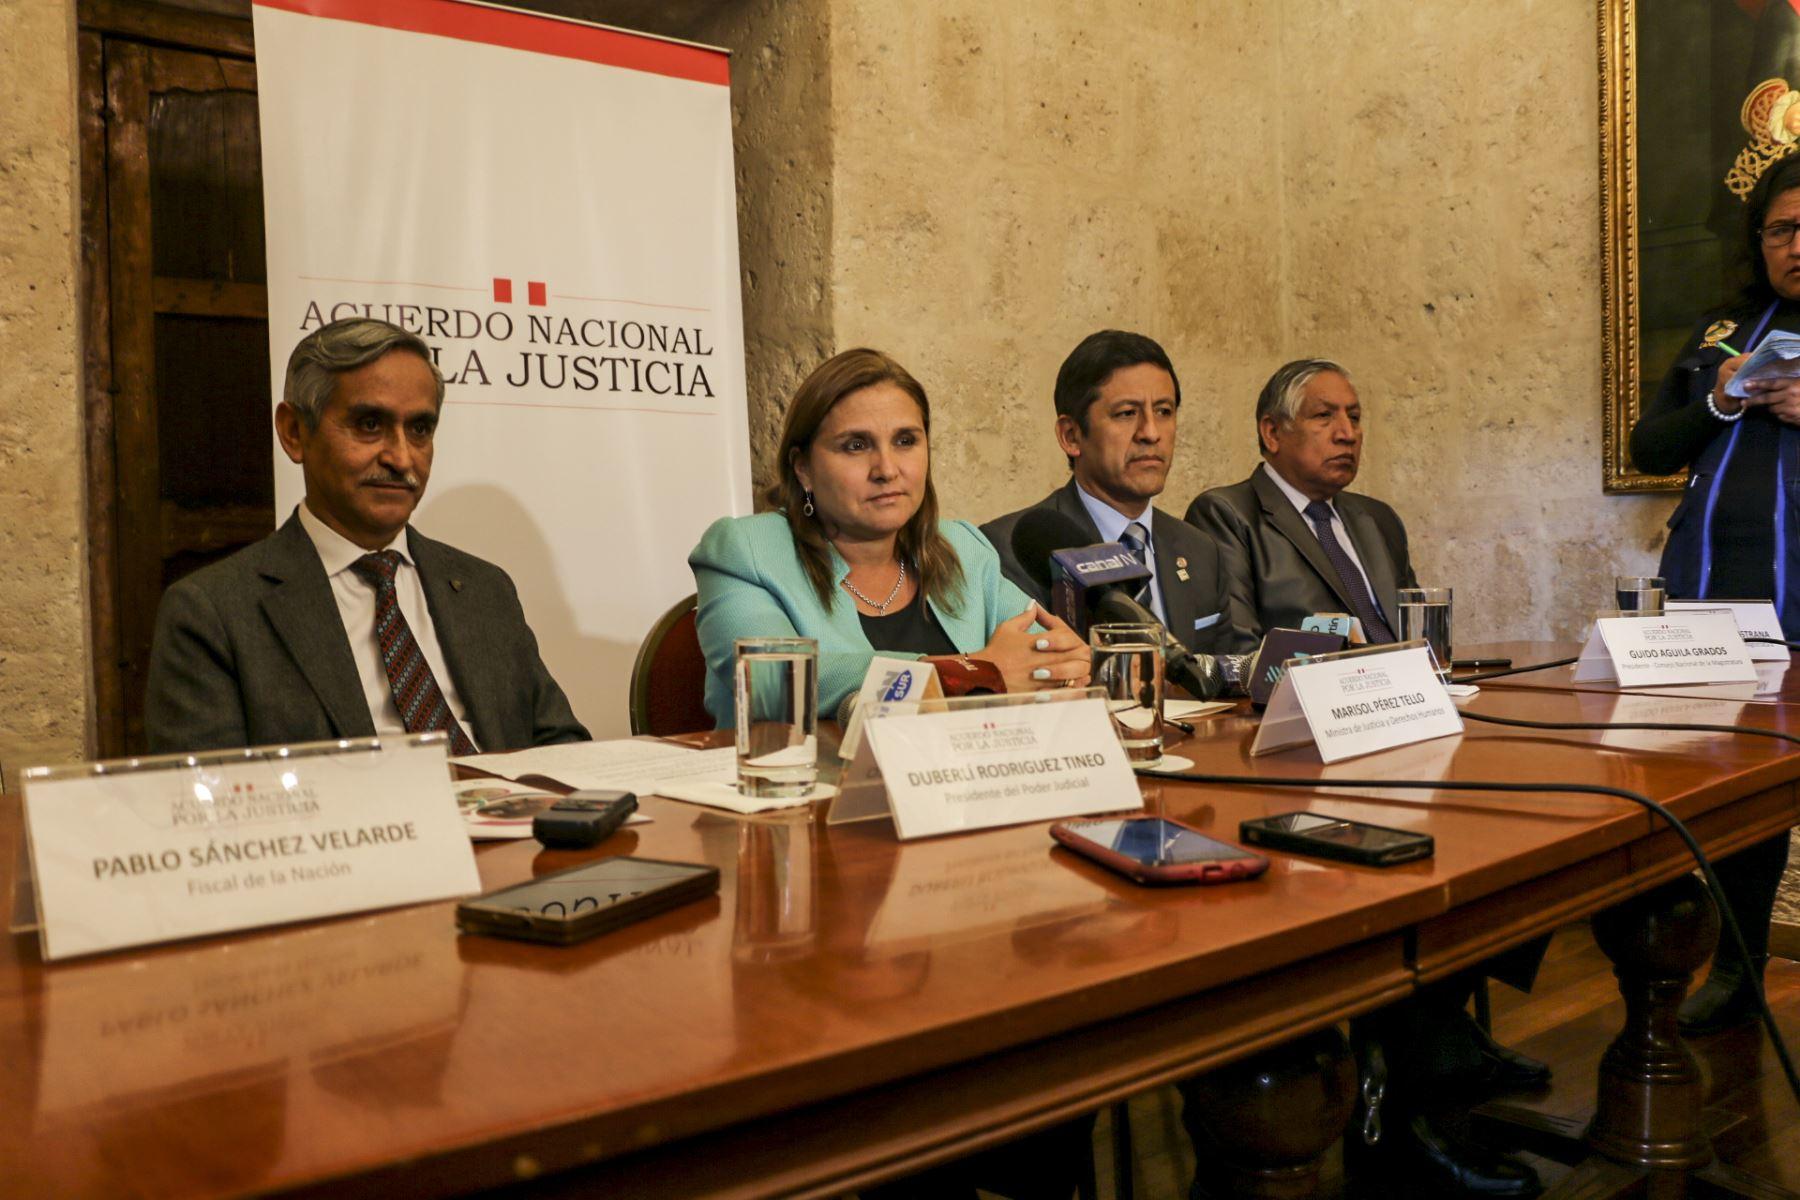 Acuerdo Nacional por la Justicia en Arequipa.